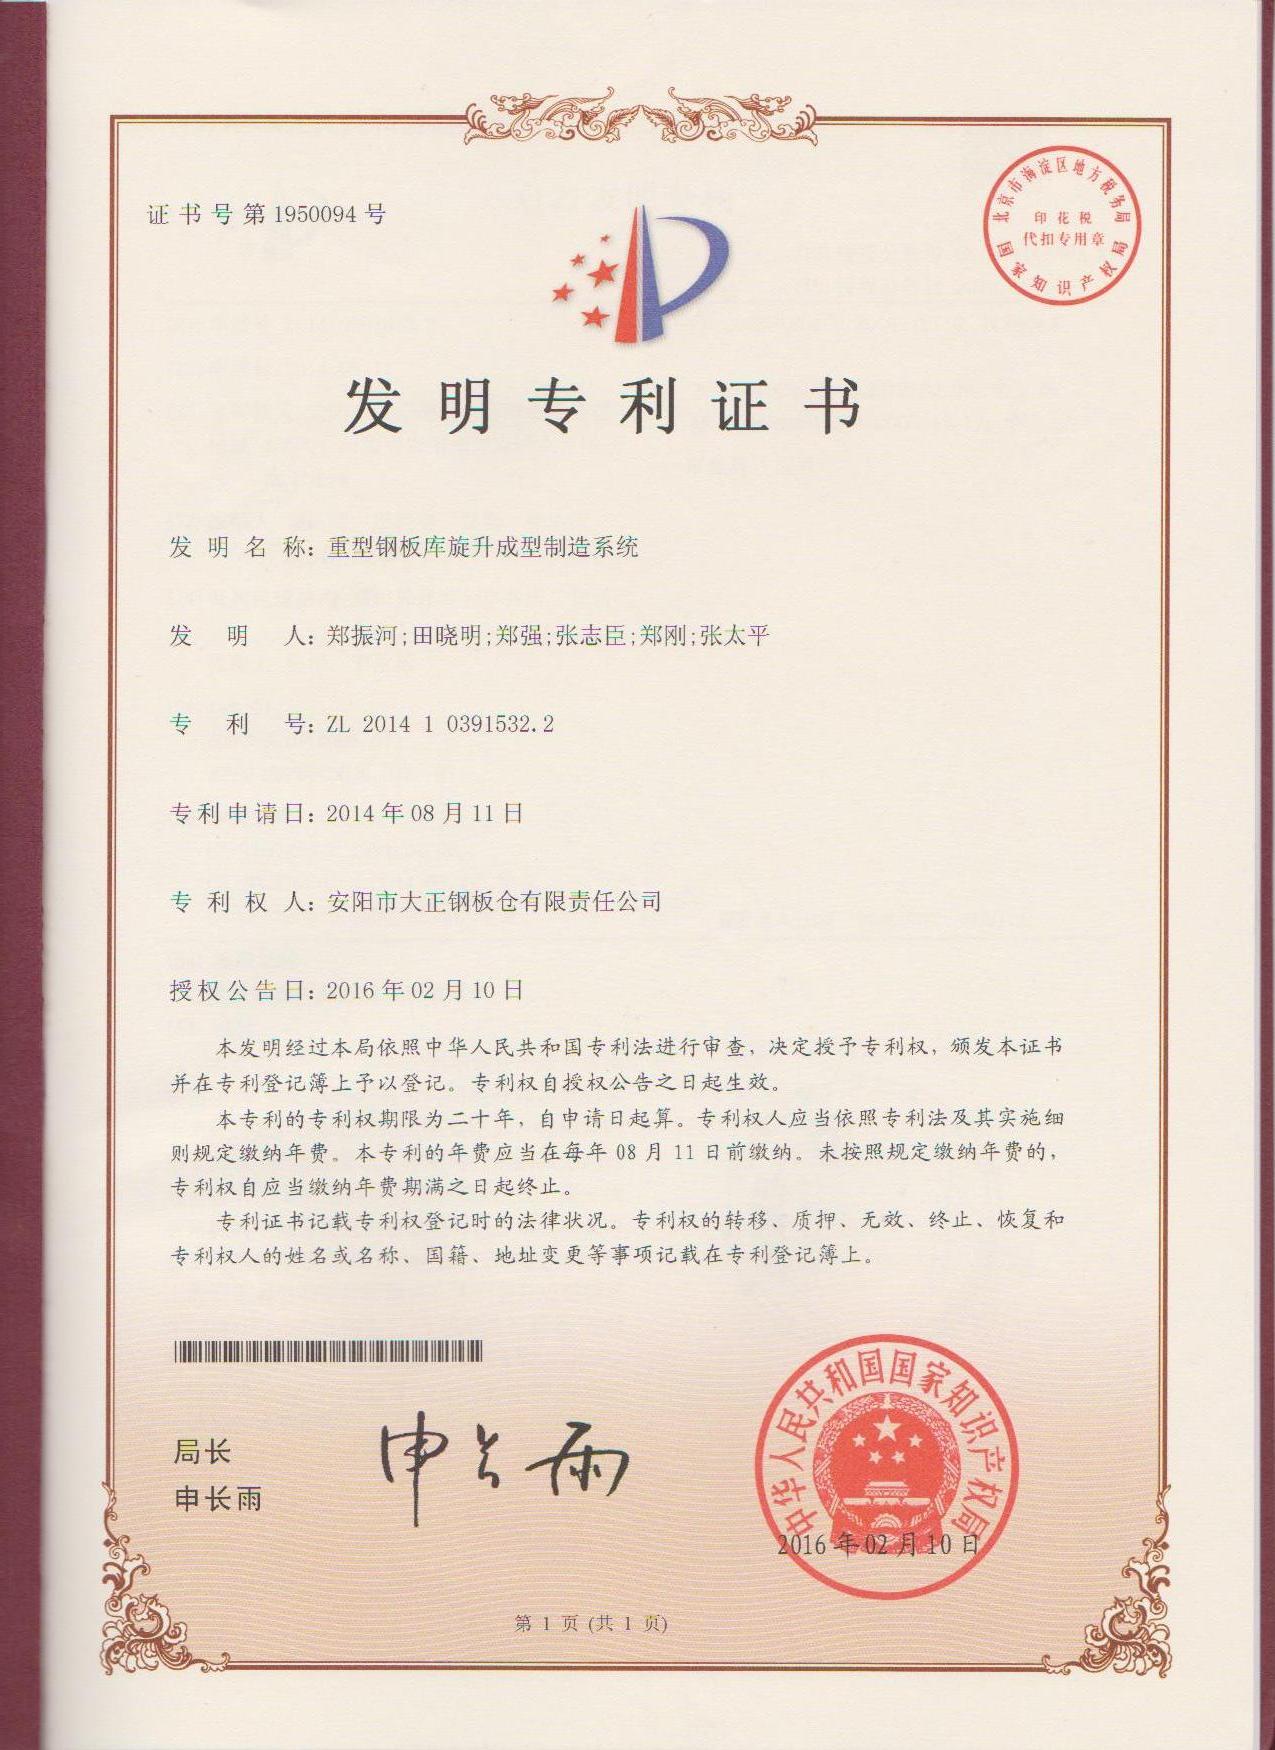 我龙8国际手机版一项目获国家发明专利授权.jpg